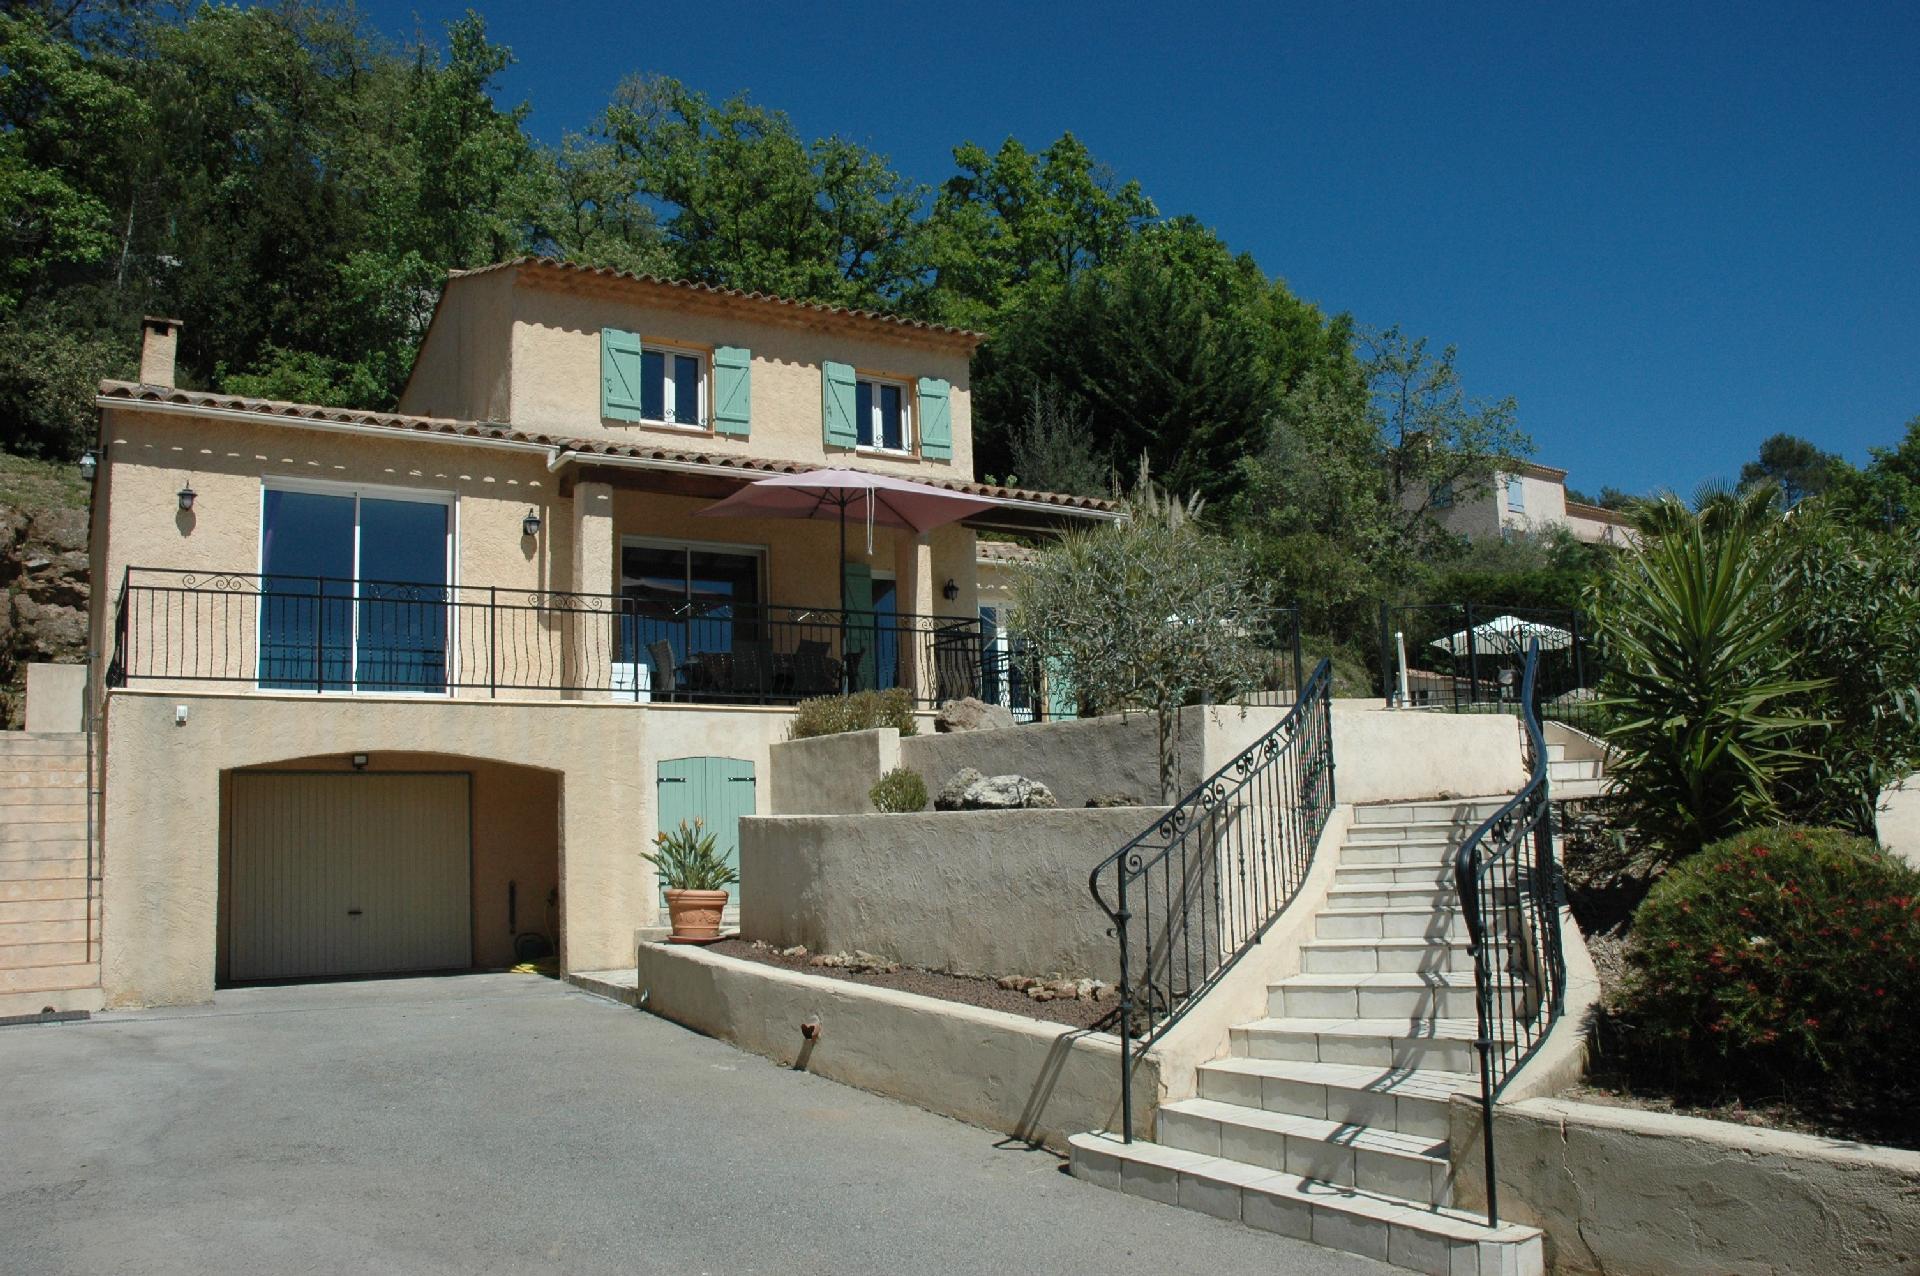 Ferienhaus mit Privatpool für 6 Personen  + 1  in Frankreich